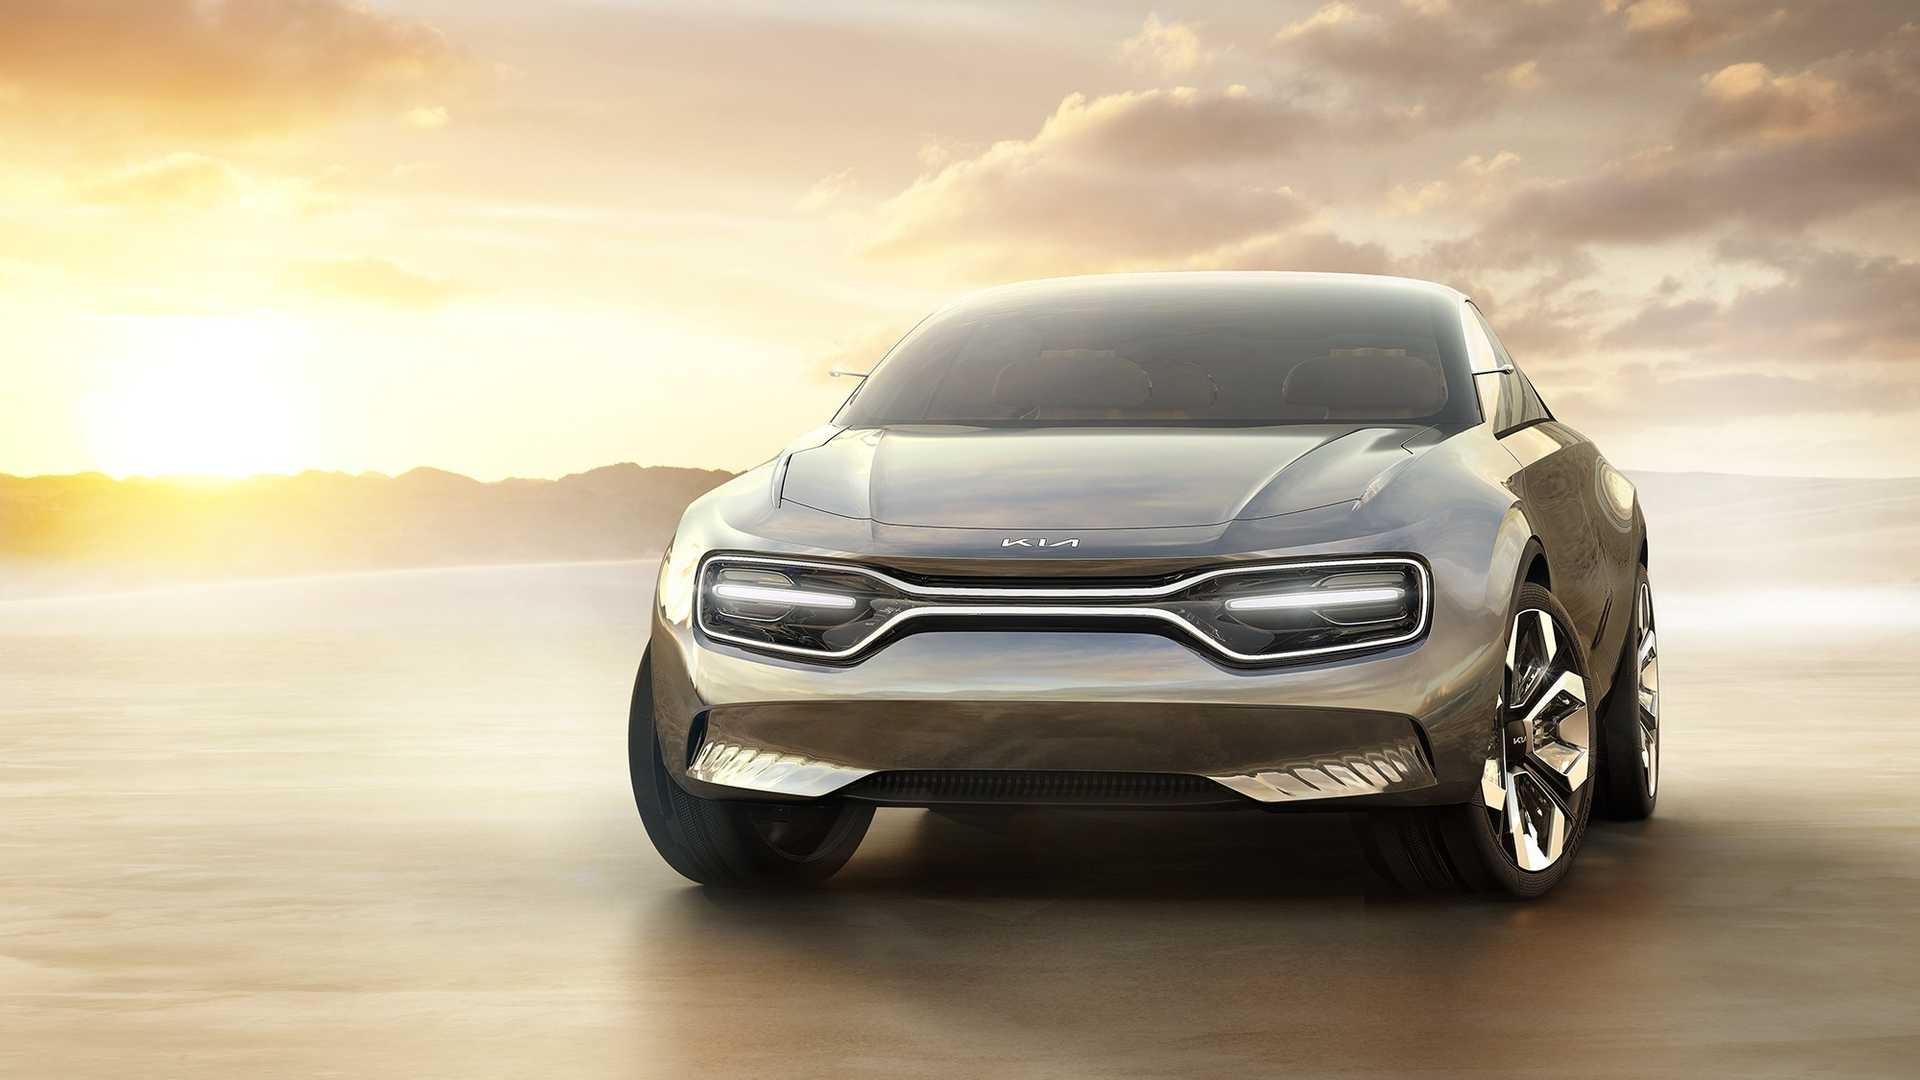 """""""ایمجین"""" خودروی عجیب کیا وارد خط تولید می شود؛ تبدیل تصور به واقعیت + عکس"""